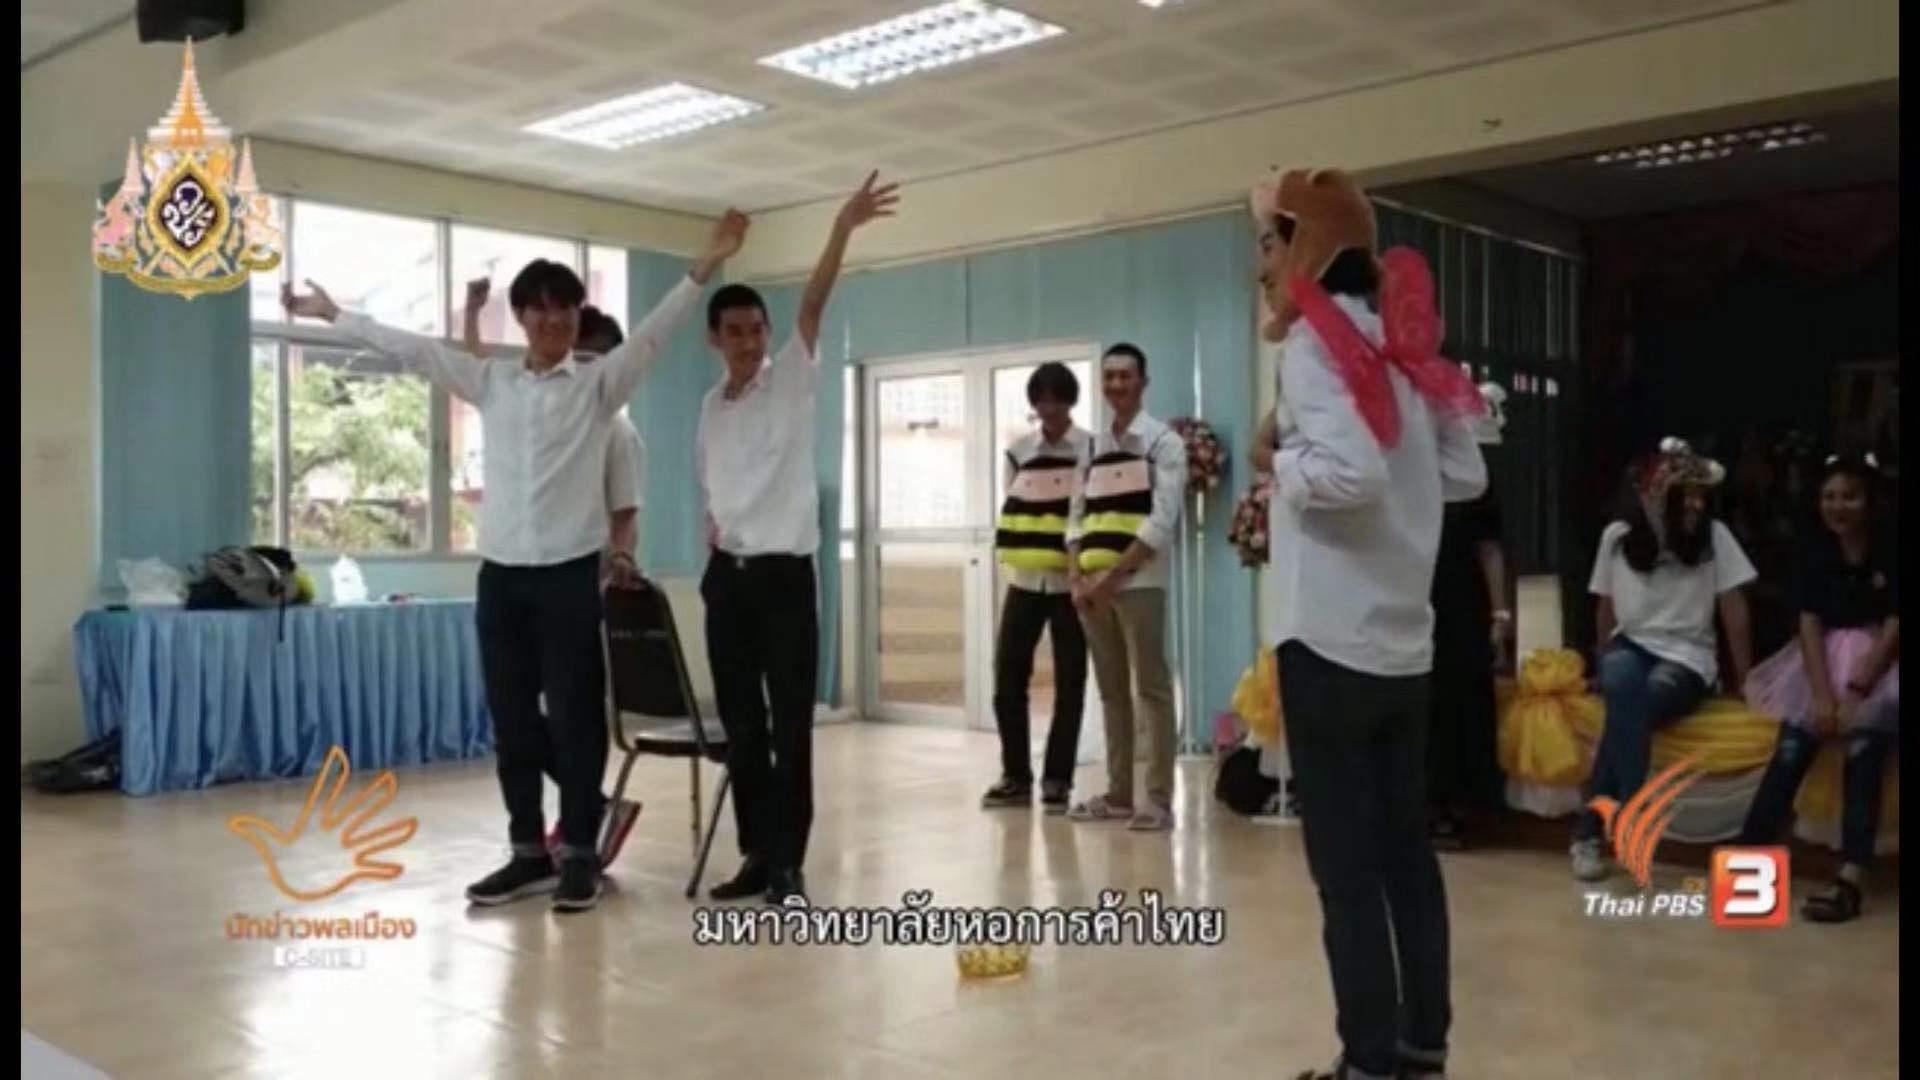 泰国商会大学工程学院计算机动画专业的学生们一起排练戏剧,为表演给听力障碍学校的学生观看